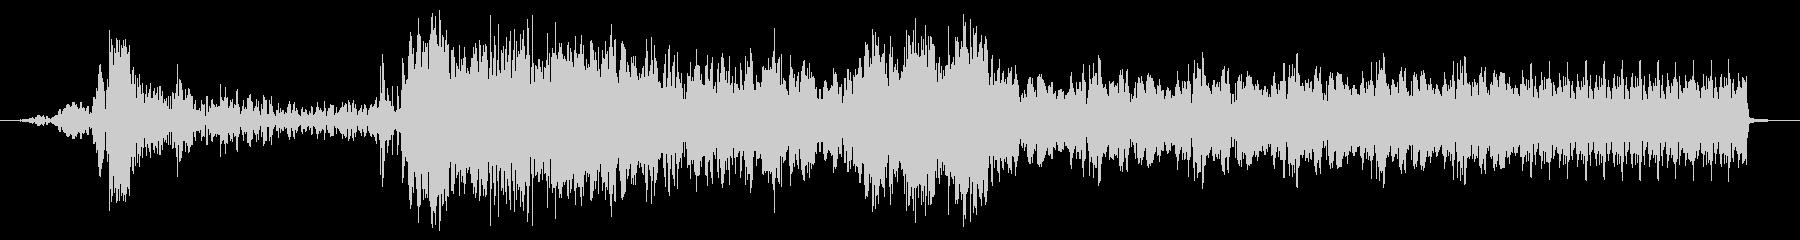 バジースタッターインパクト遷移の未再生の波形